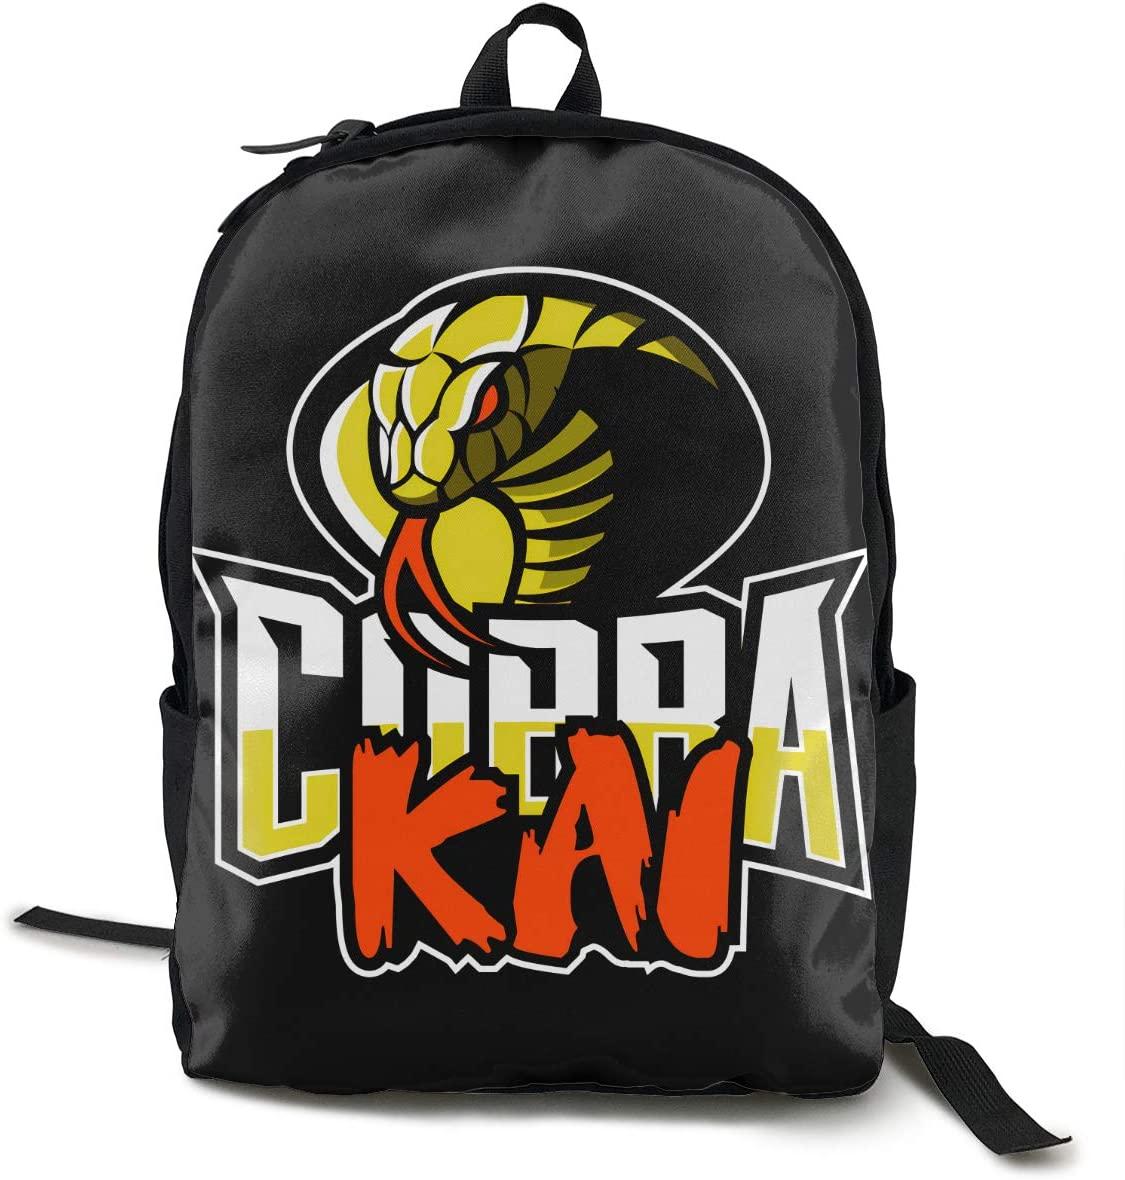 Wehoiweh Classic Cobra Kai Backpack School Bag Laptop Daypack Bookbagblack